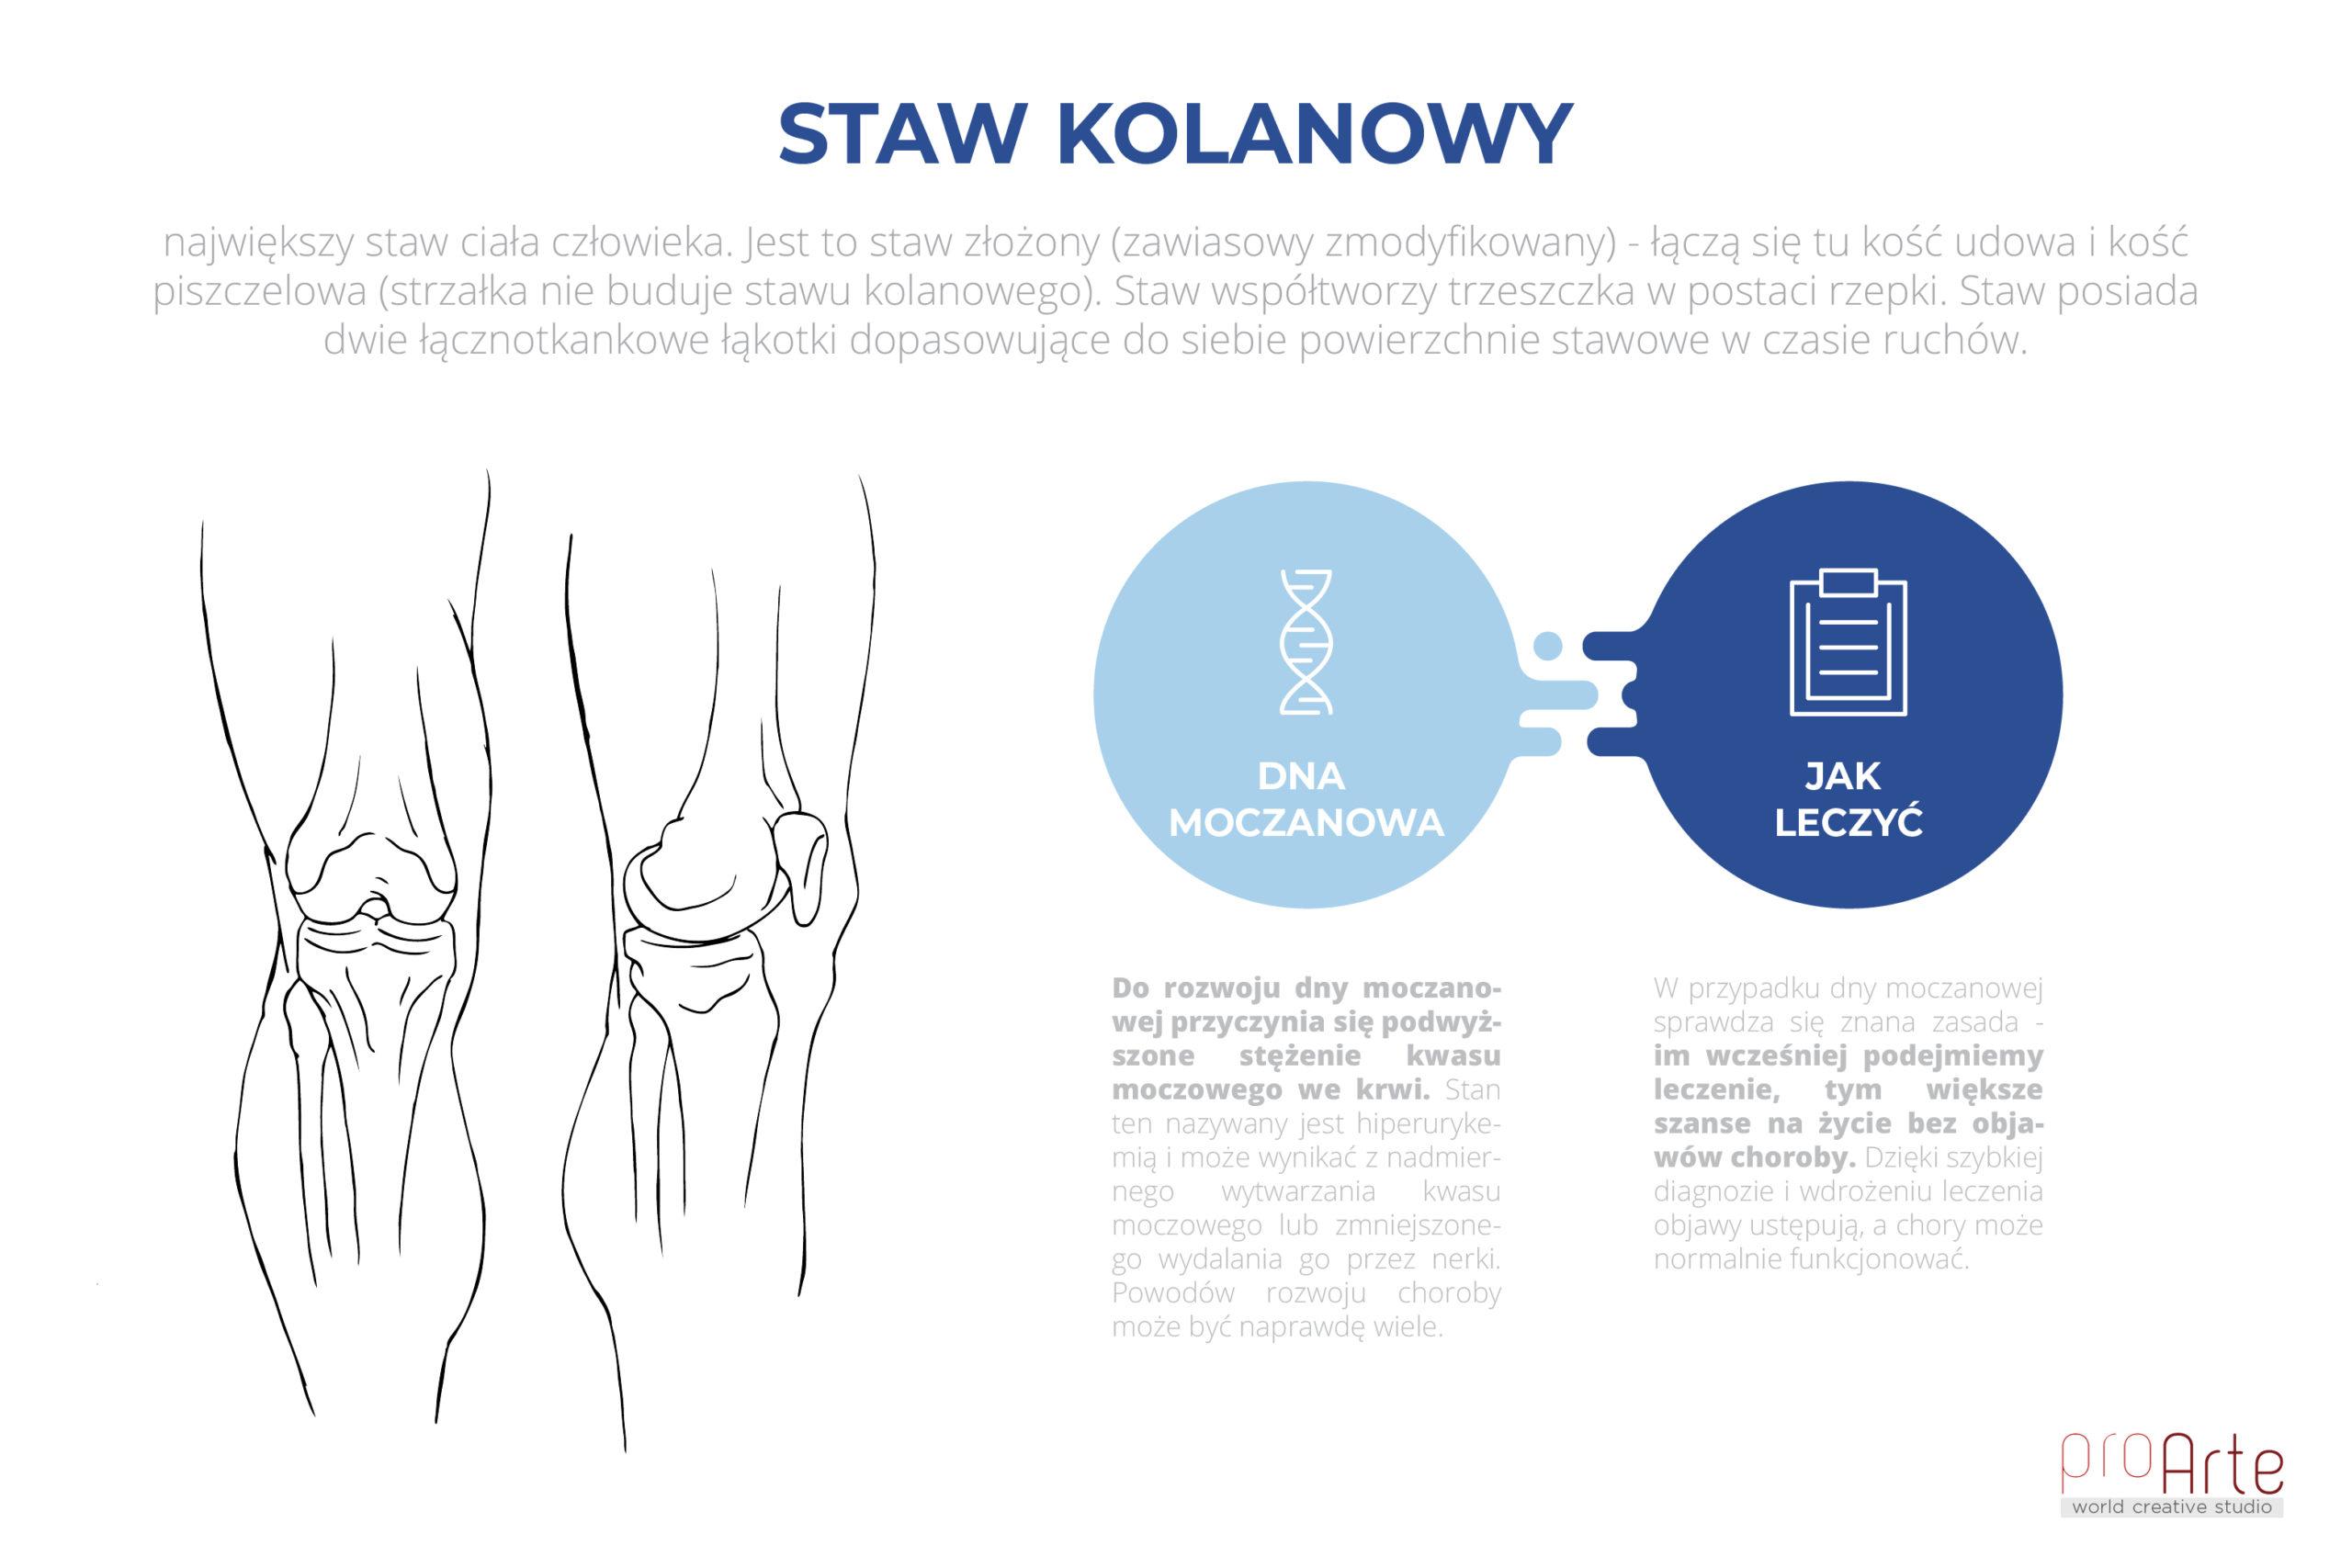 Staw_kolanowy_MD-01